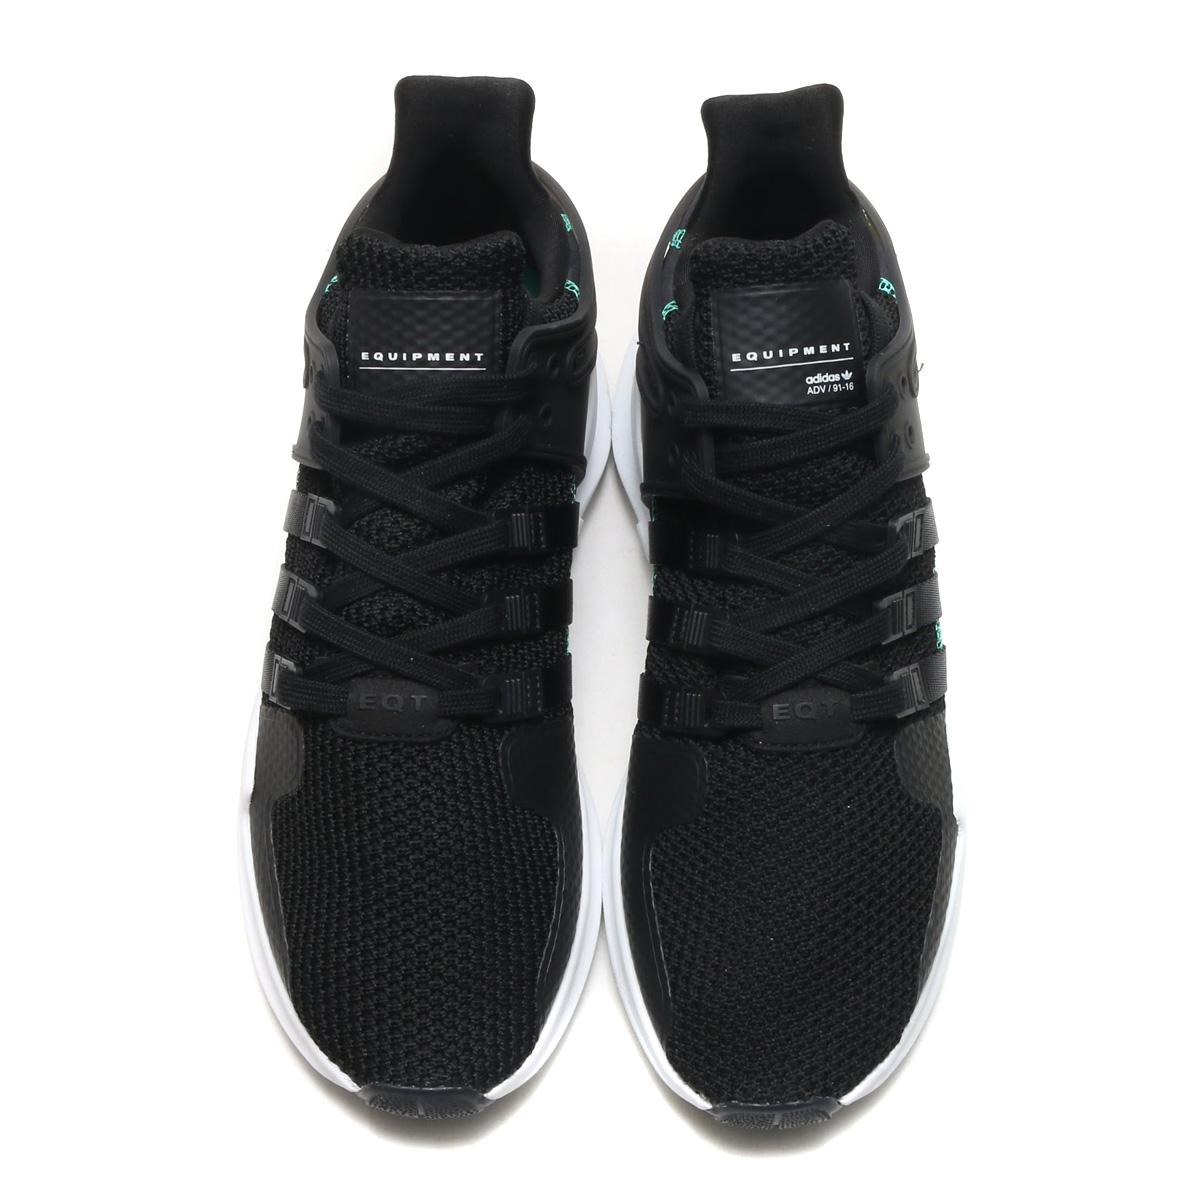 adidas Originals EQT SUPPORT ADV (Adidas originals E cue tea support ADV)  Core Black Core Black Ftwr White 18SP-I c3e6fd414